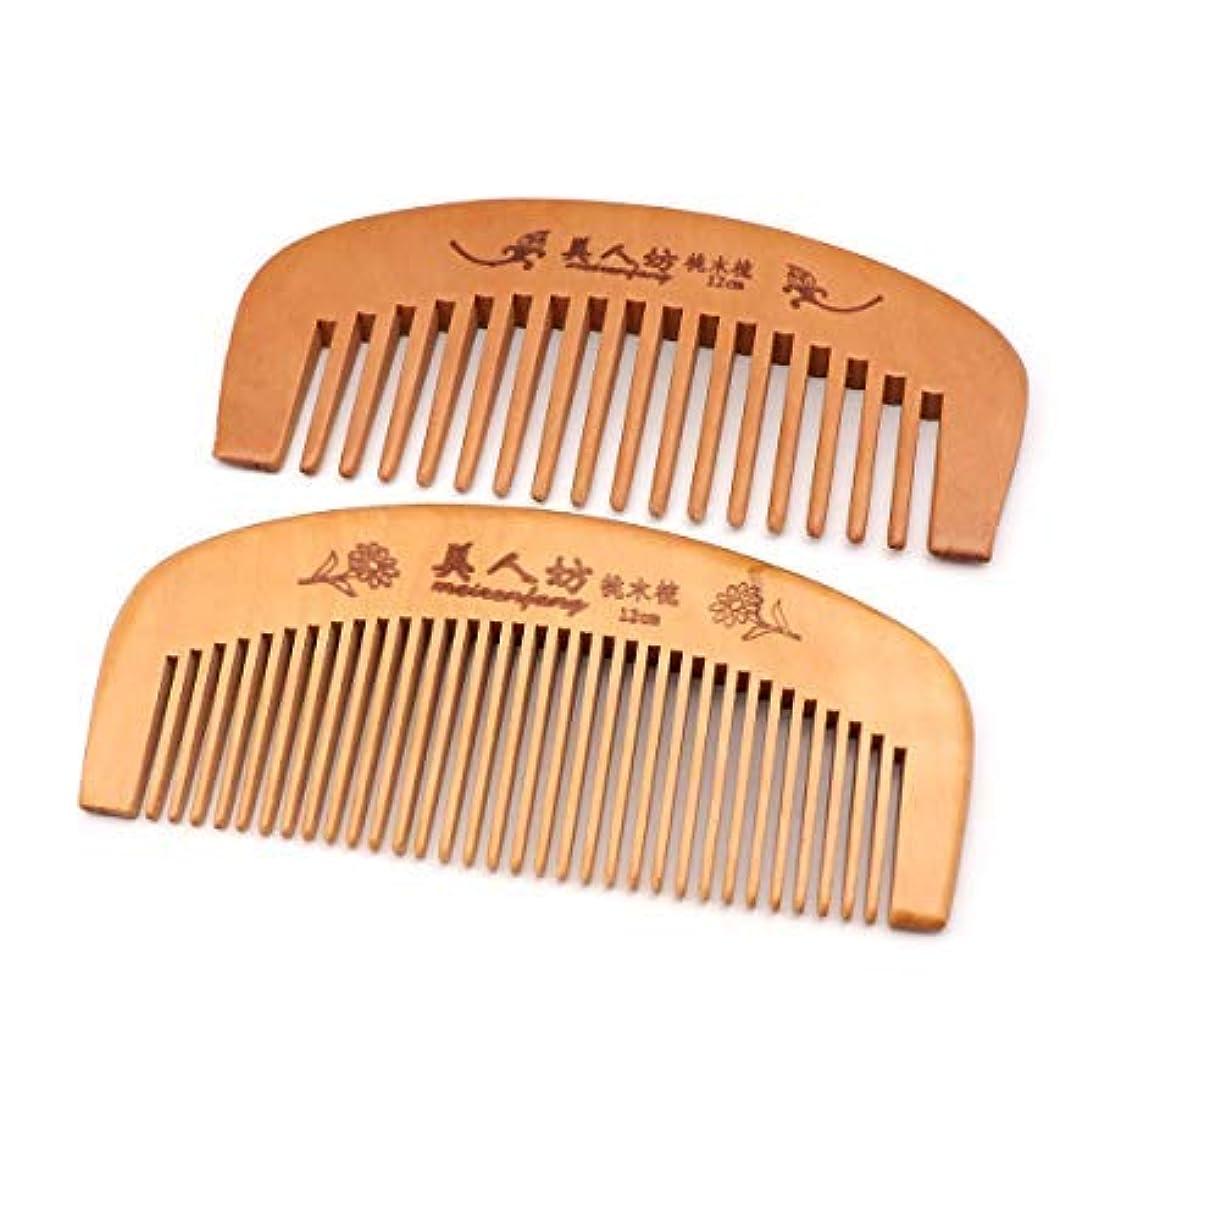 タッチ敏感な遺棄されたHandmade Wooden Hair Comb for Curly Wide Toothed Wooden Comb, anti-Static and Barrier-free Hand Brushing Beard...